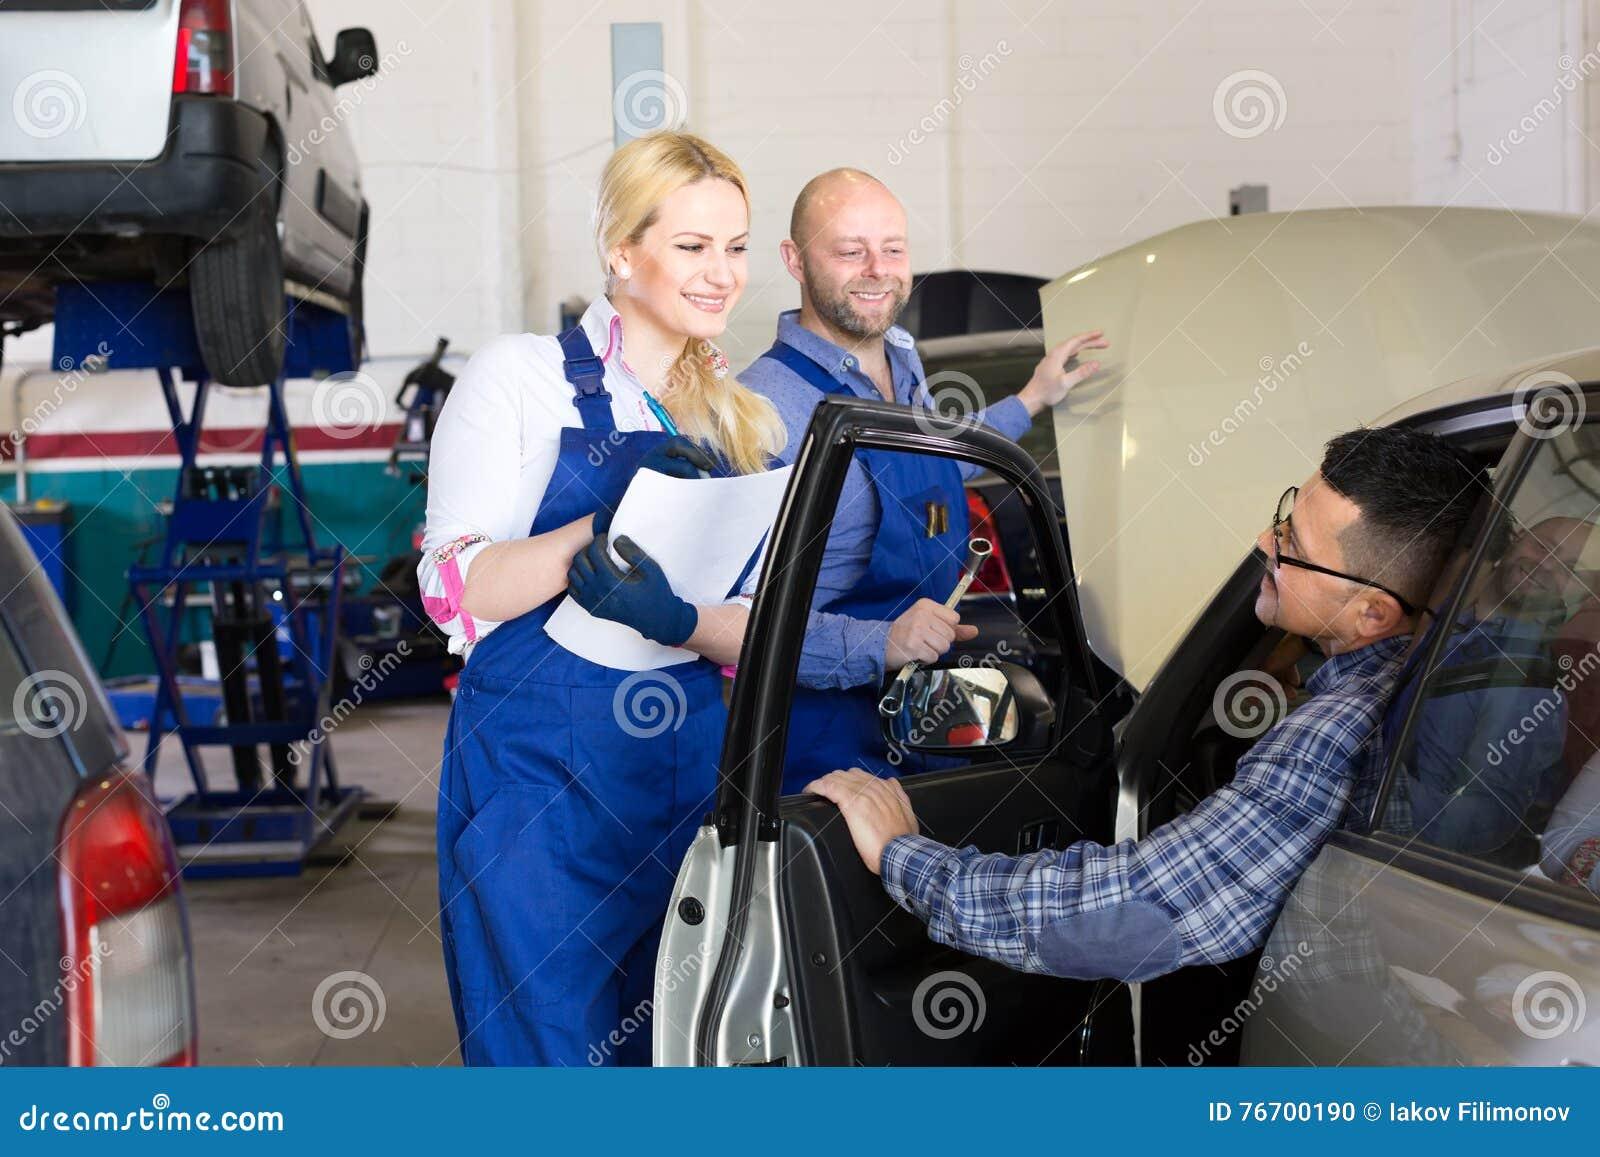 Folk på ett bilserviceseminarium